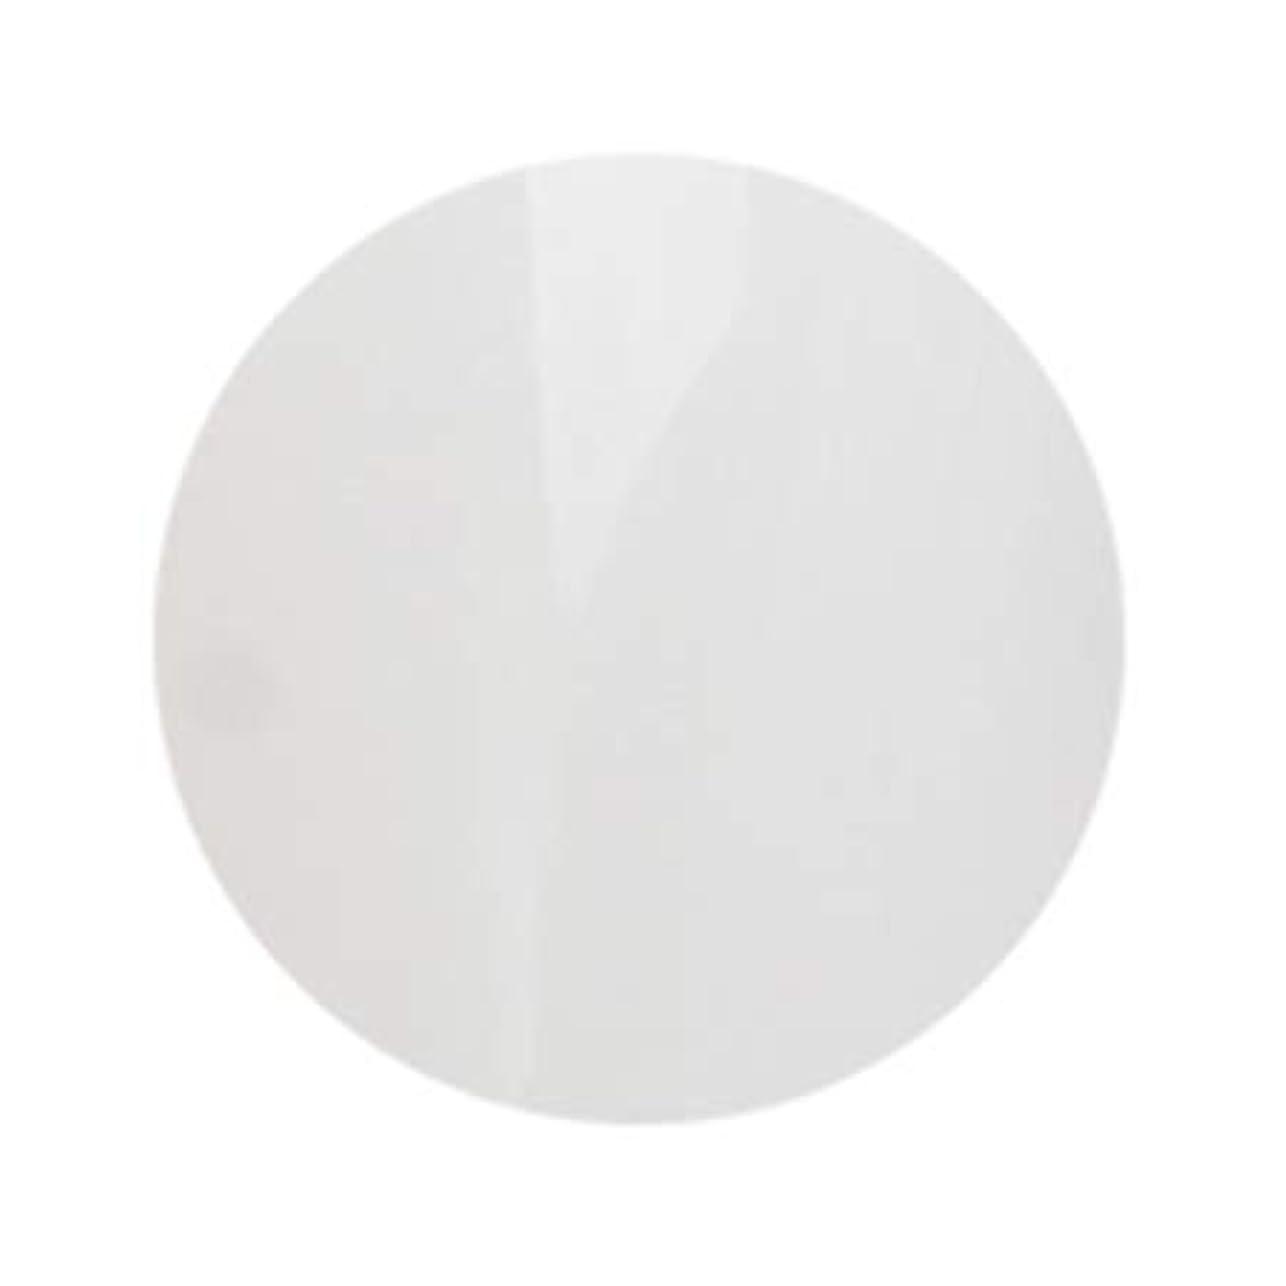 練習悪魔みPutiel プティール カラージェル 268 ココナッツブラン 4g (西山麻耶プロデュース)